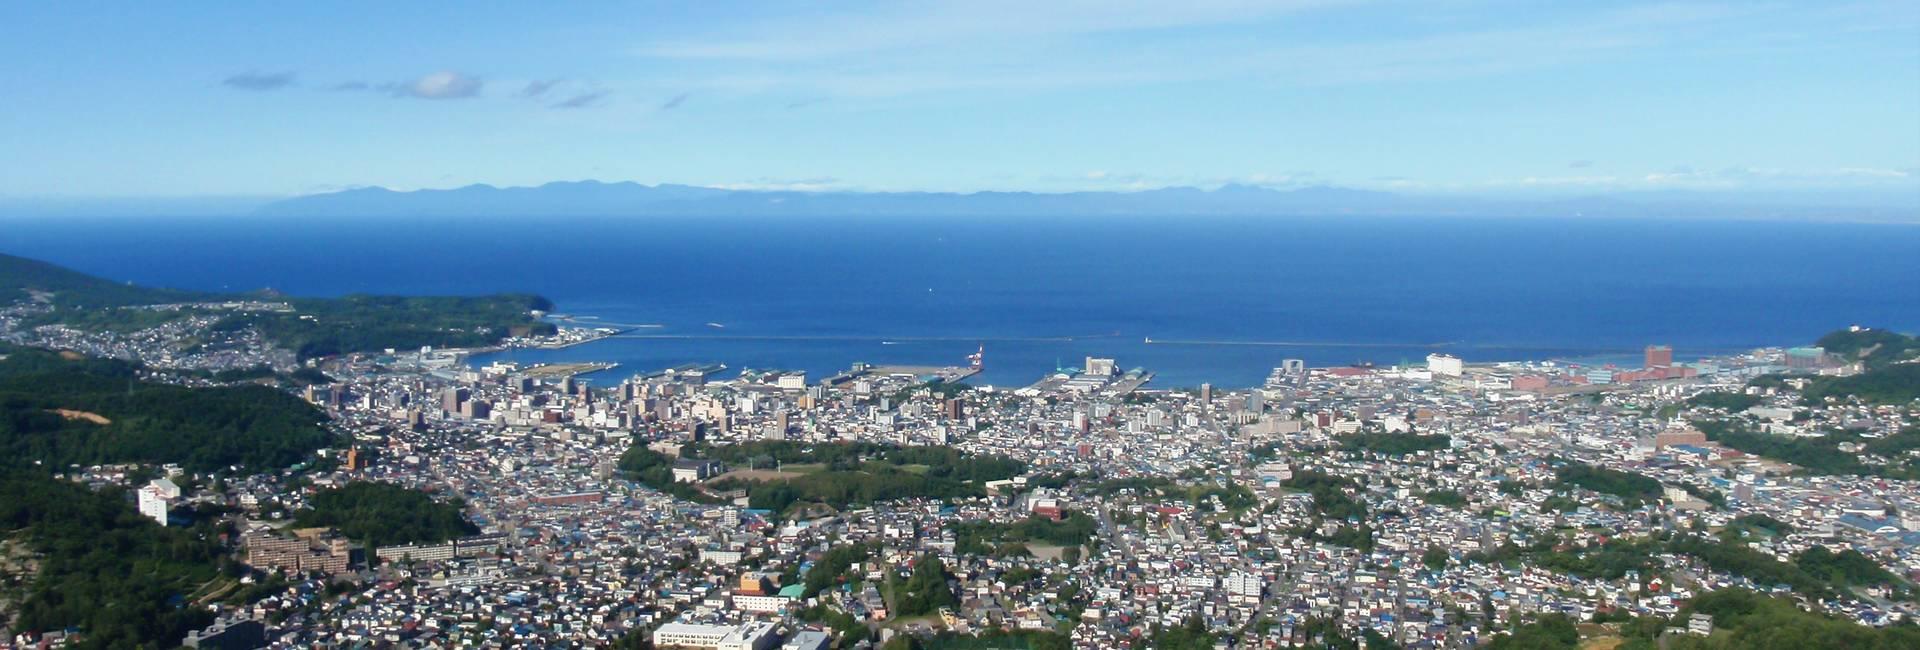 vue de la ville de Otaru